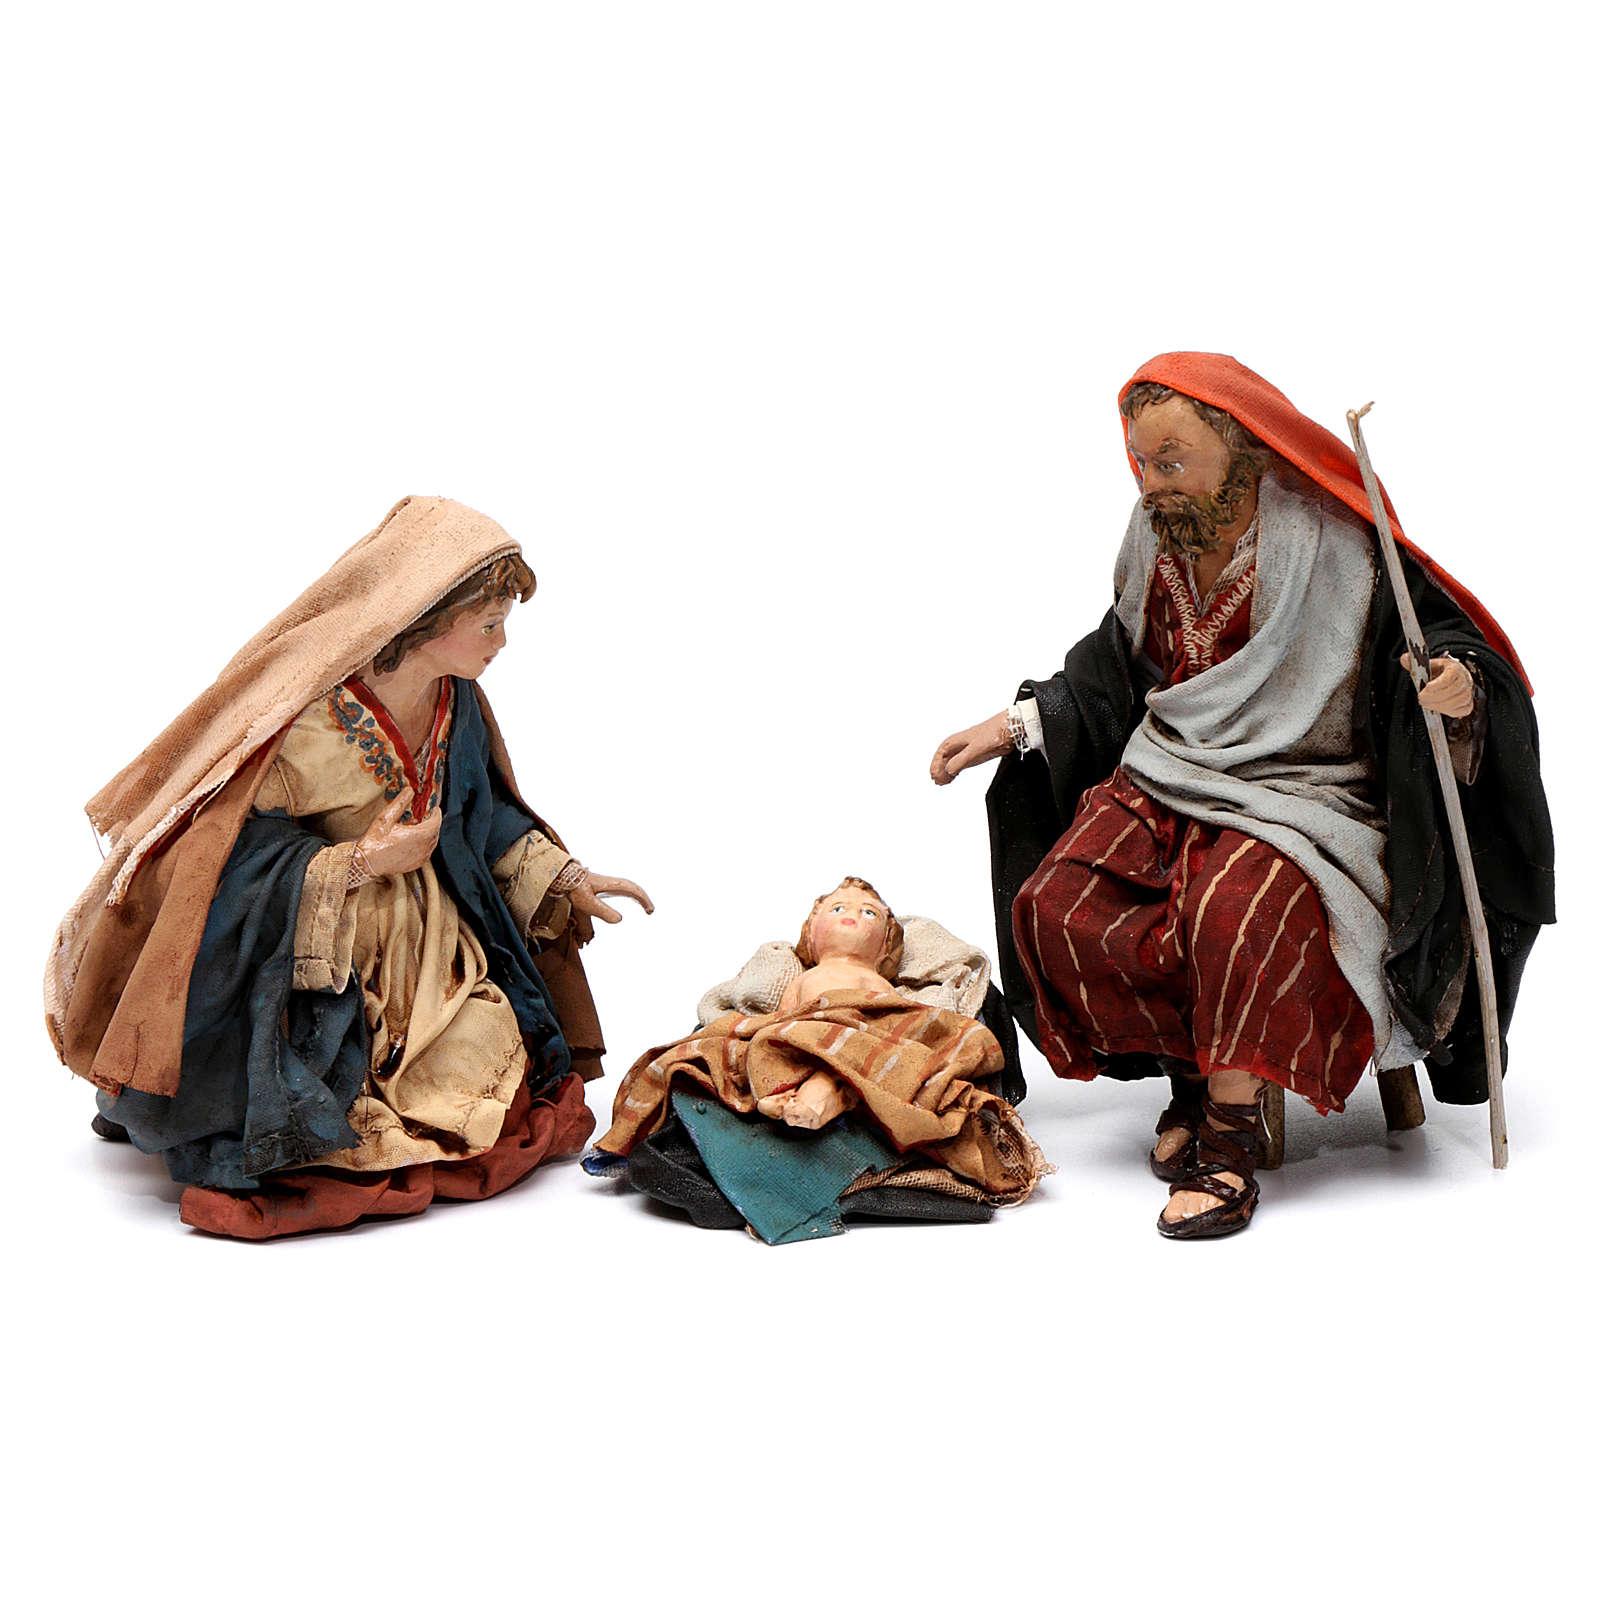 Natividad Angela Tripi 13 cm 4